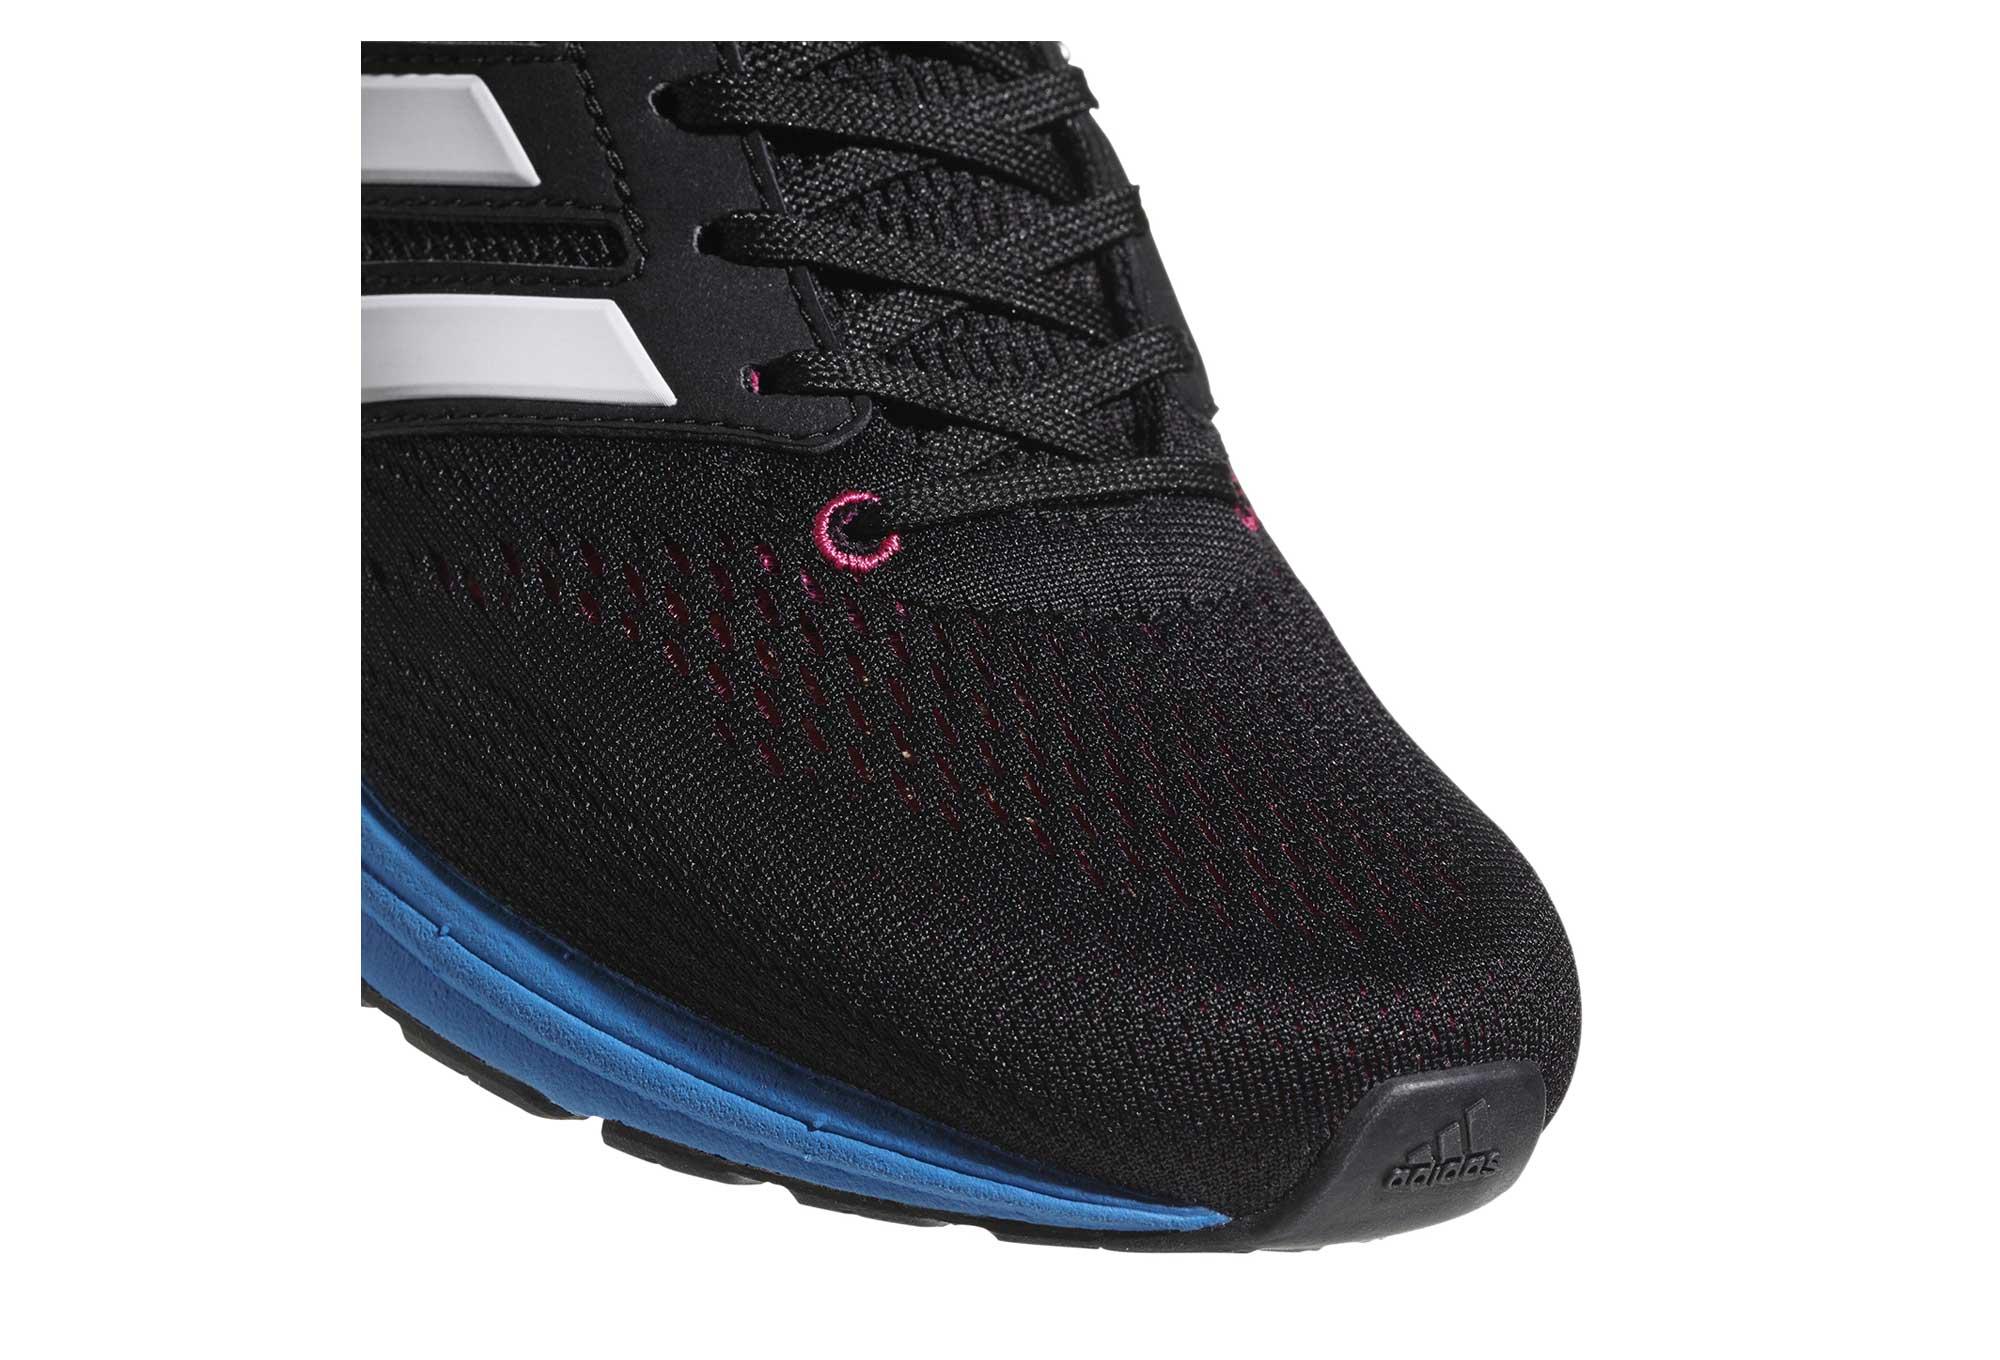 new arrival 3591d c46db Chaussures de Running Femme adidas running adizero Boston 7 Noir  Bleu   Fluo  Rose